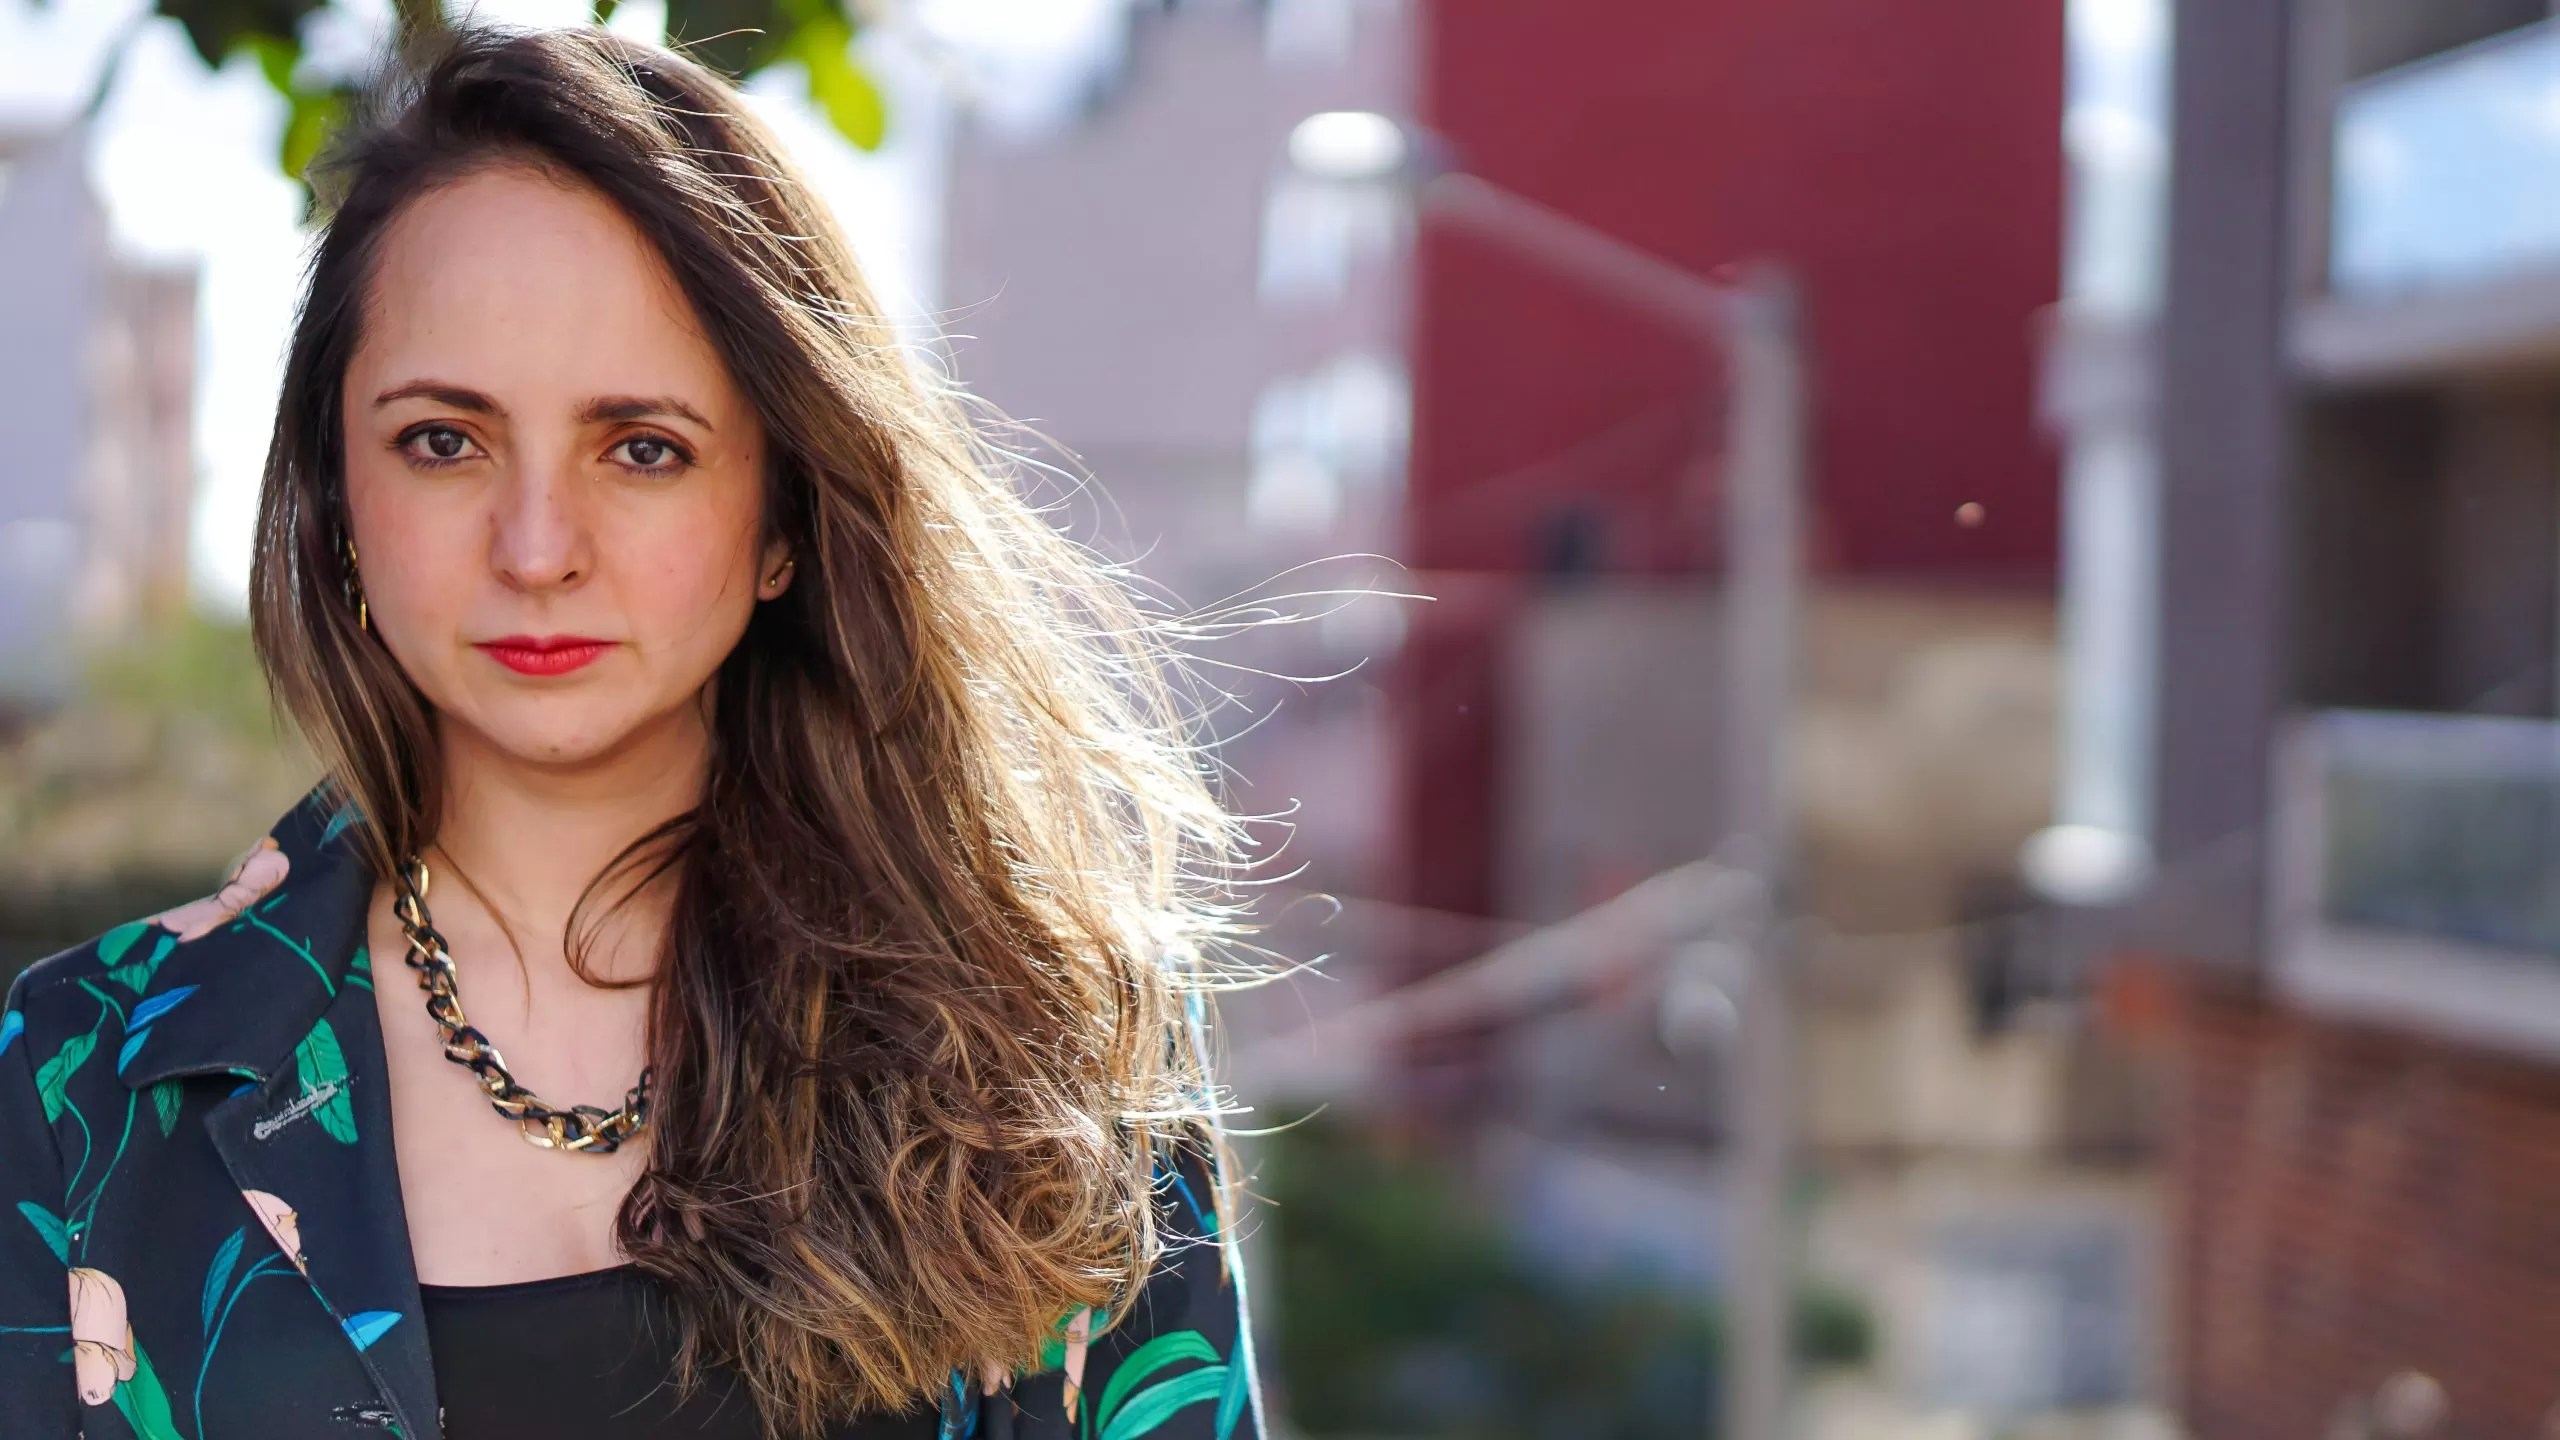 La escritora colombiana Susana Esquivel desde el encierro y el feminismo